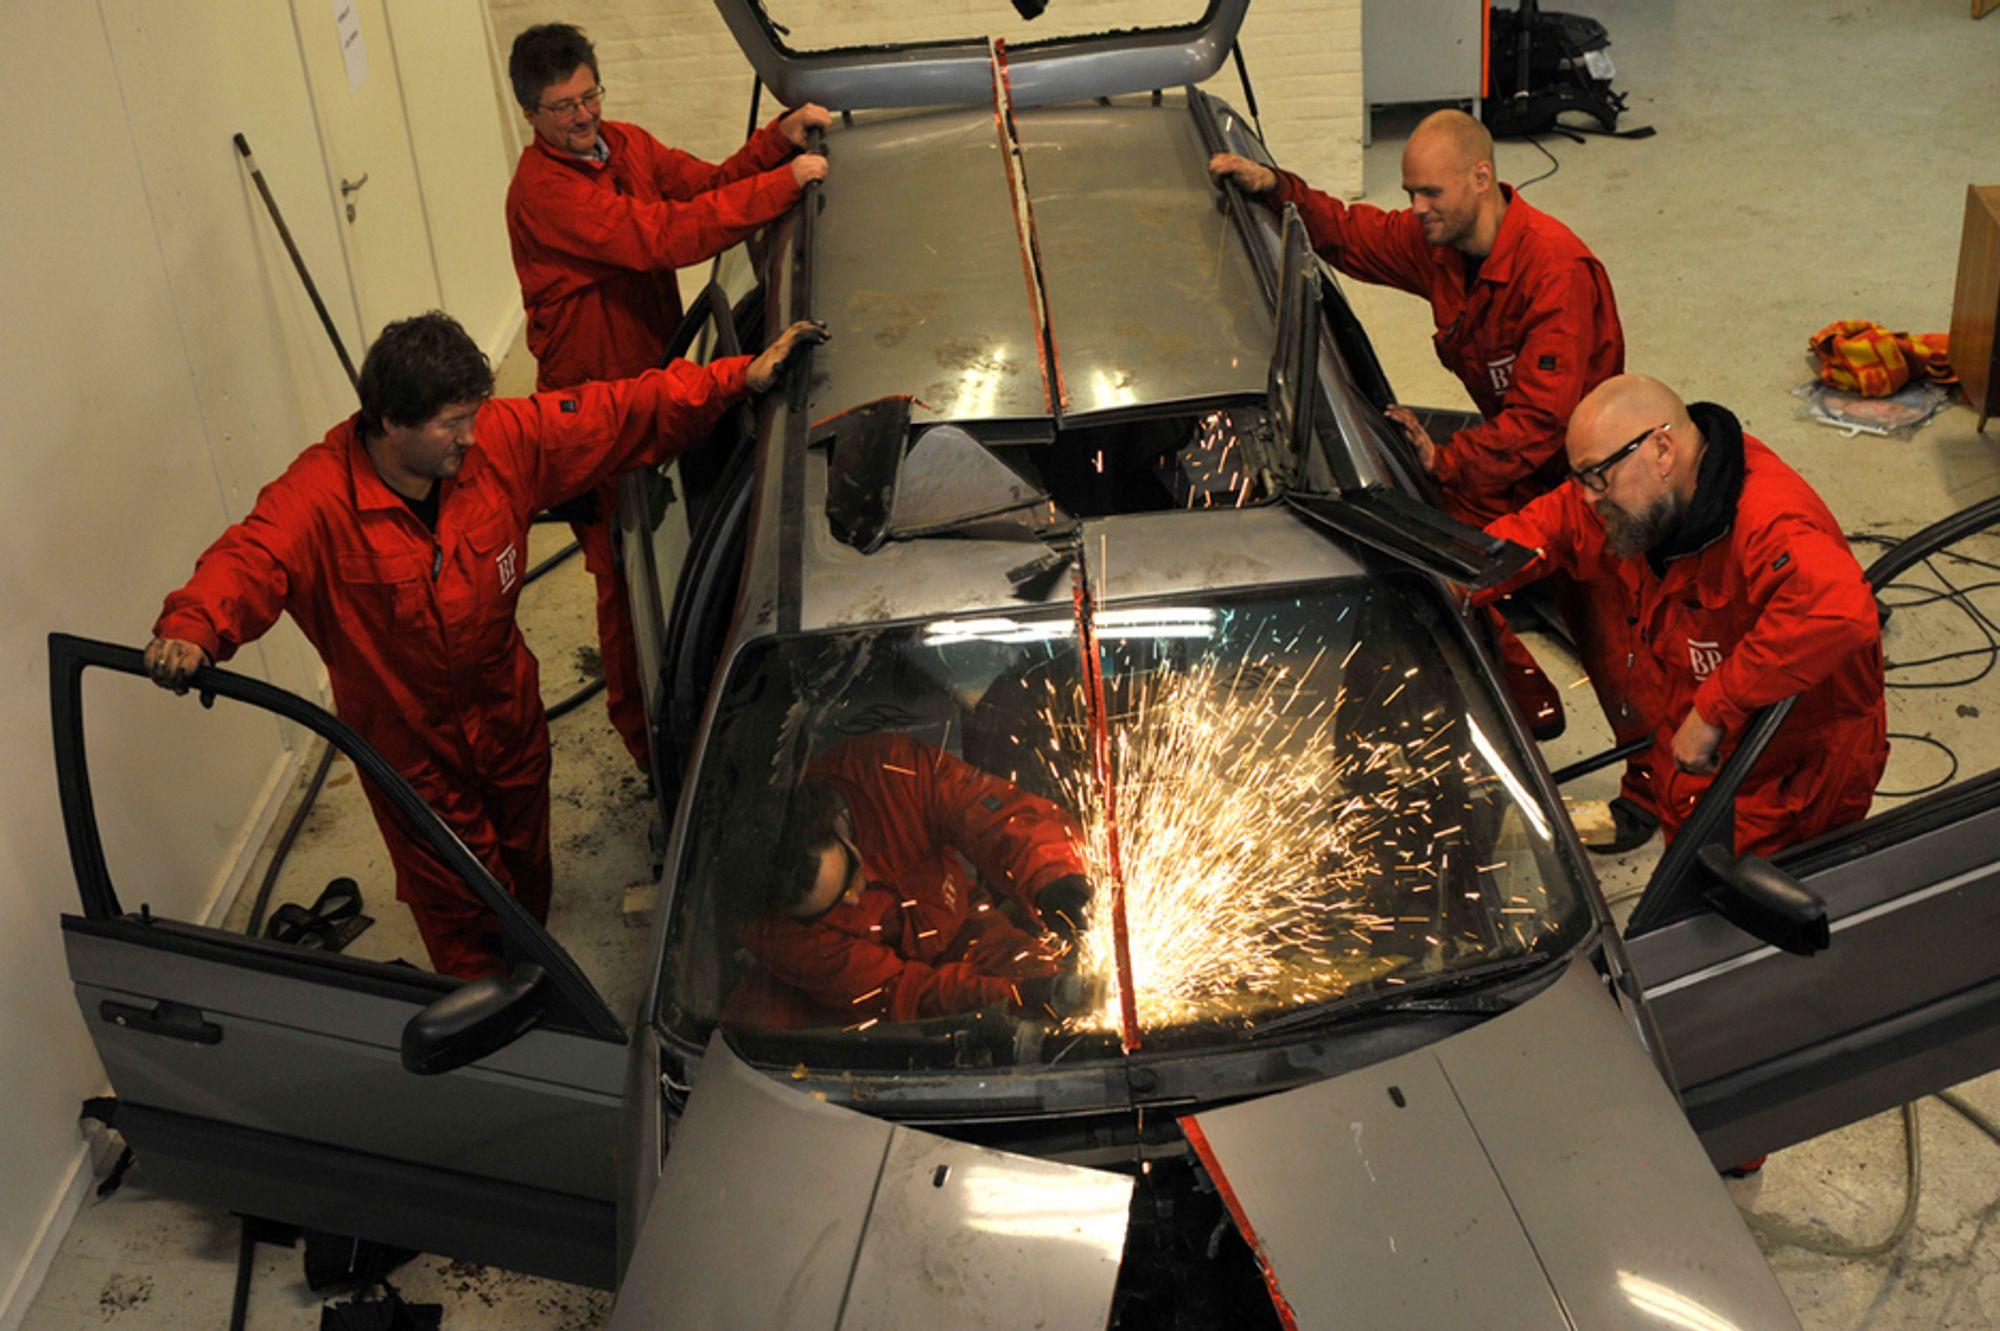 Bilpatologene dissekerer en bil for Bellona.